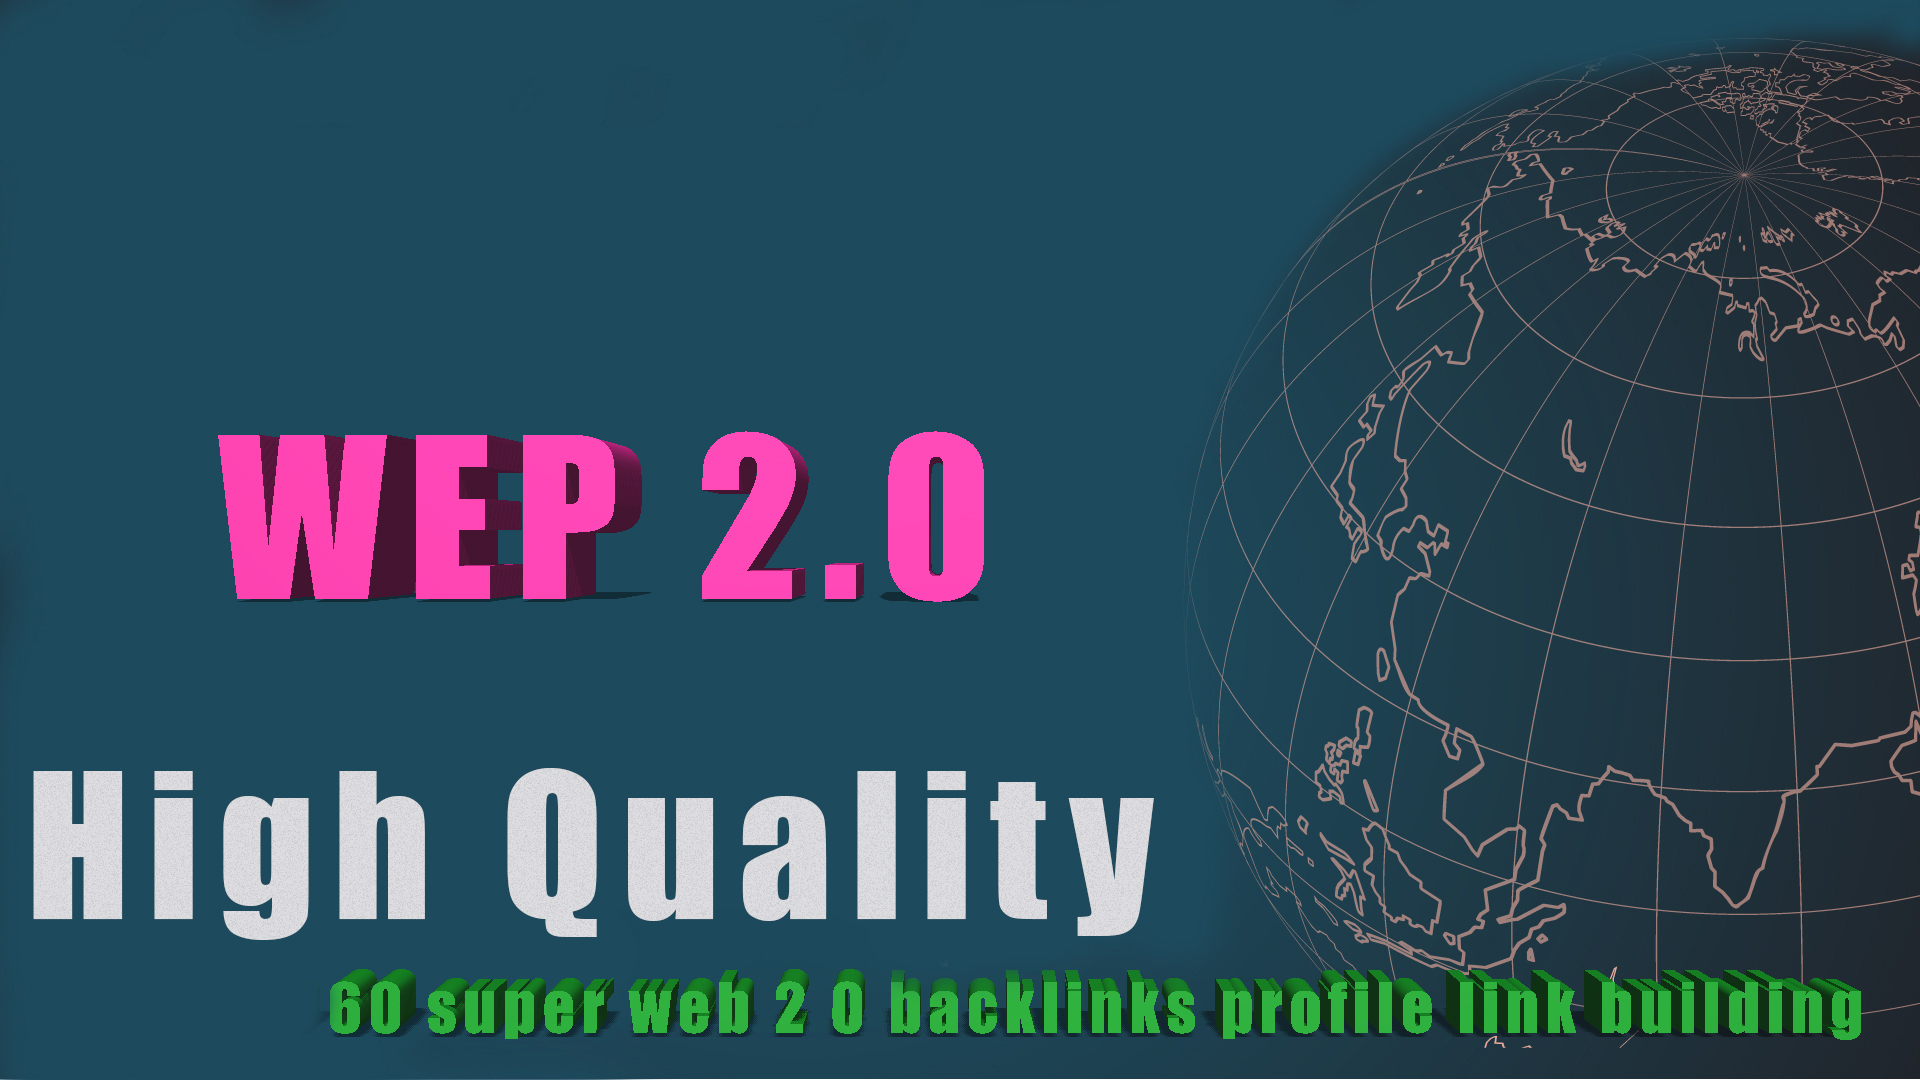 High quality 60 super web 2 0 backlinks profile link building